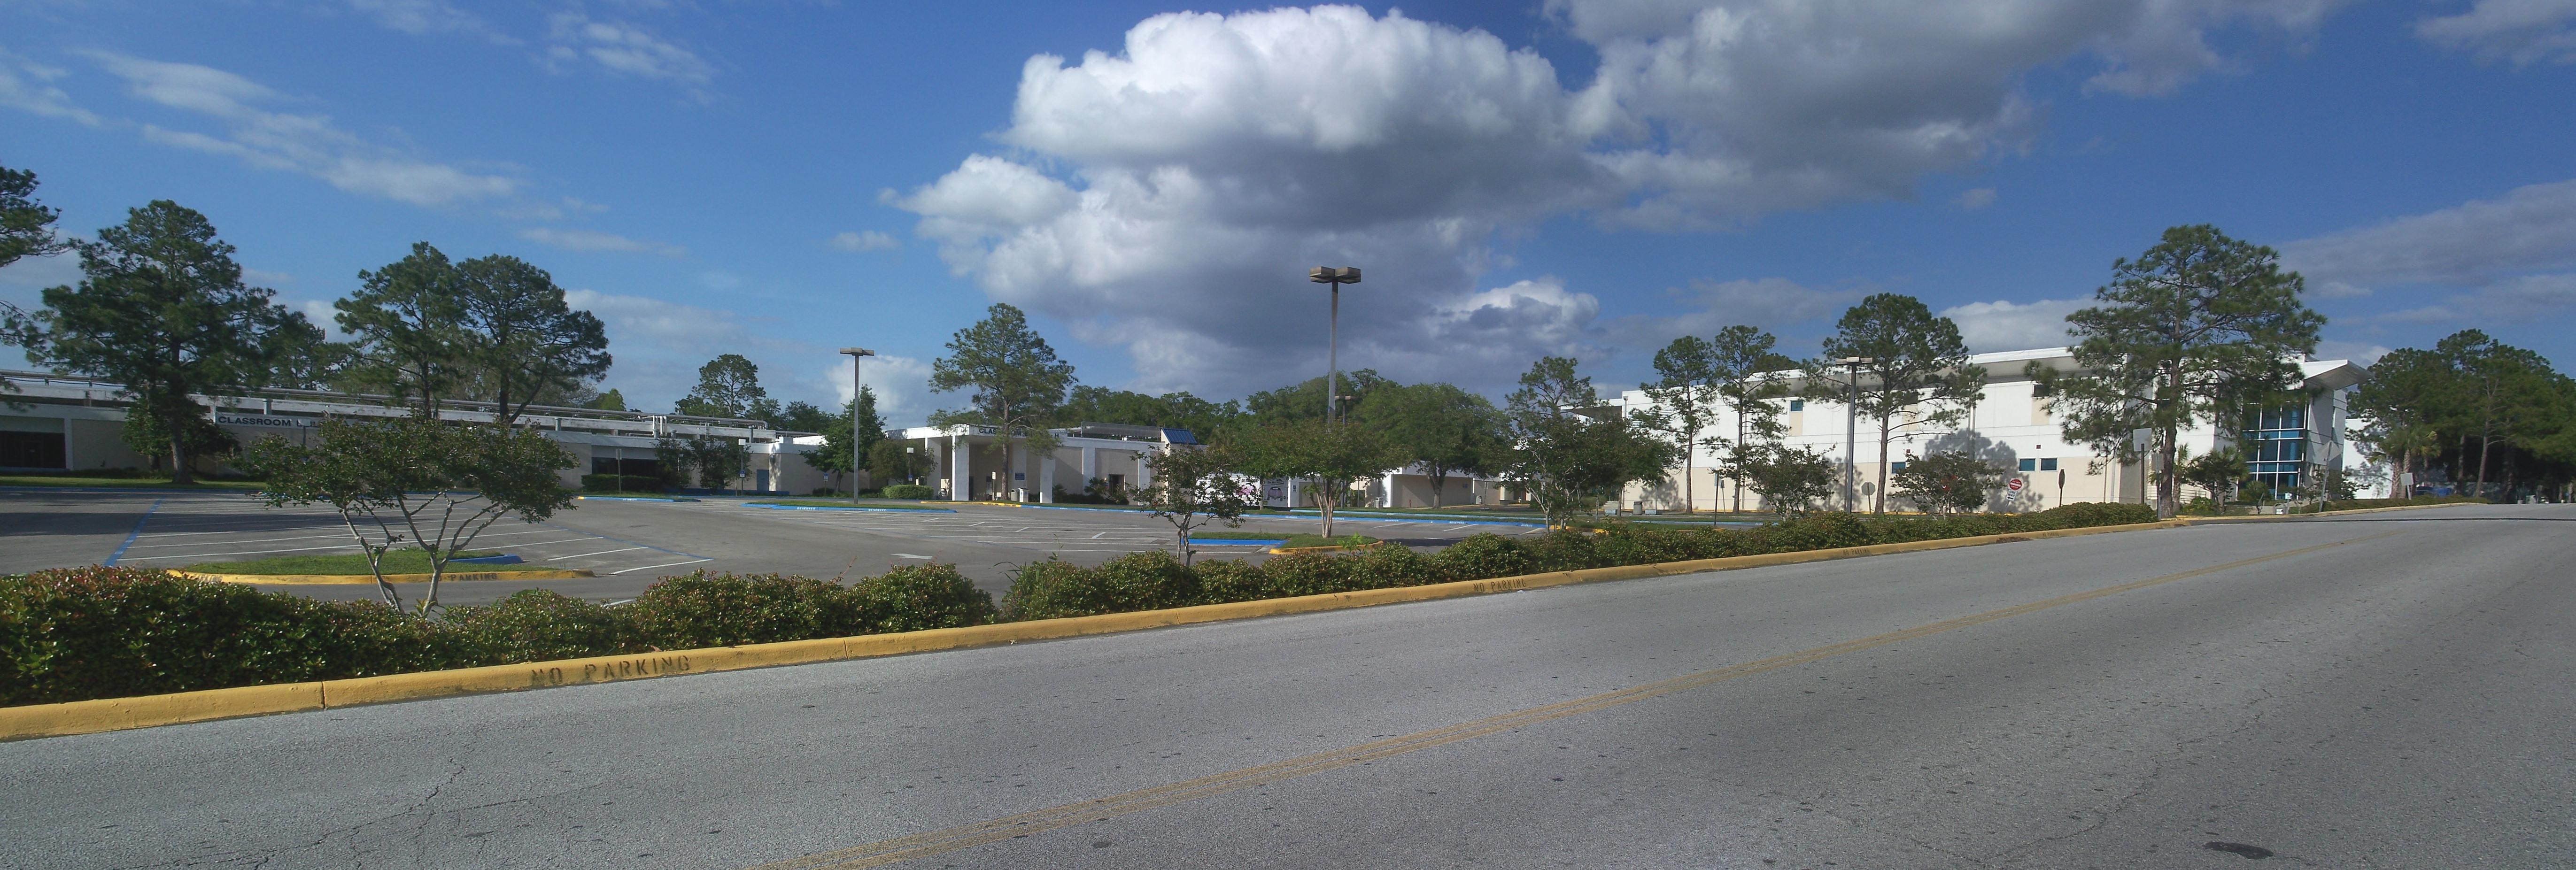 Santa Fe College Wikipedia